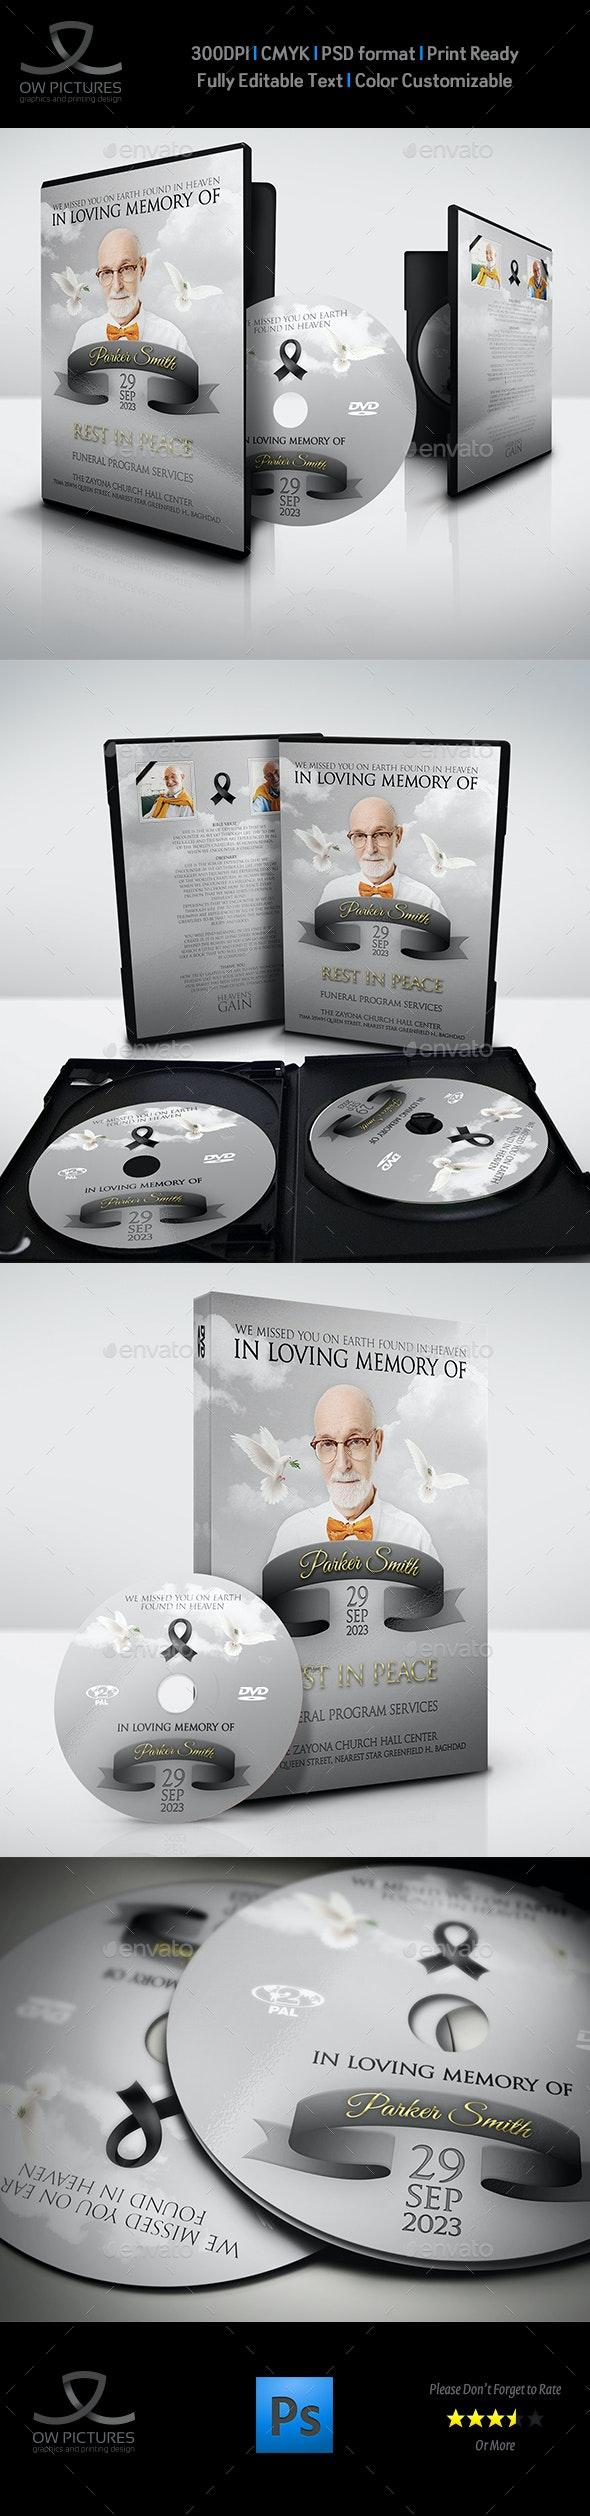 Memorial and Funeral Ceremonies Template Vol.2 - CD & DVD Artwork Print Templates